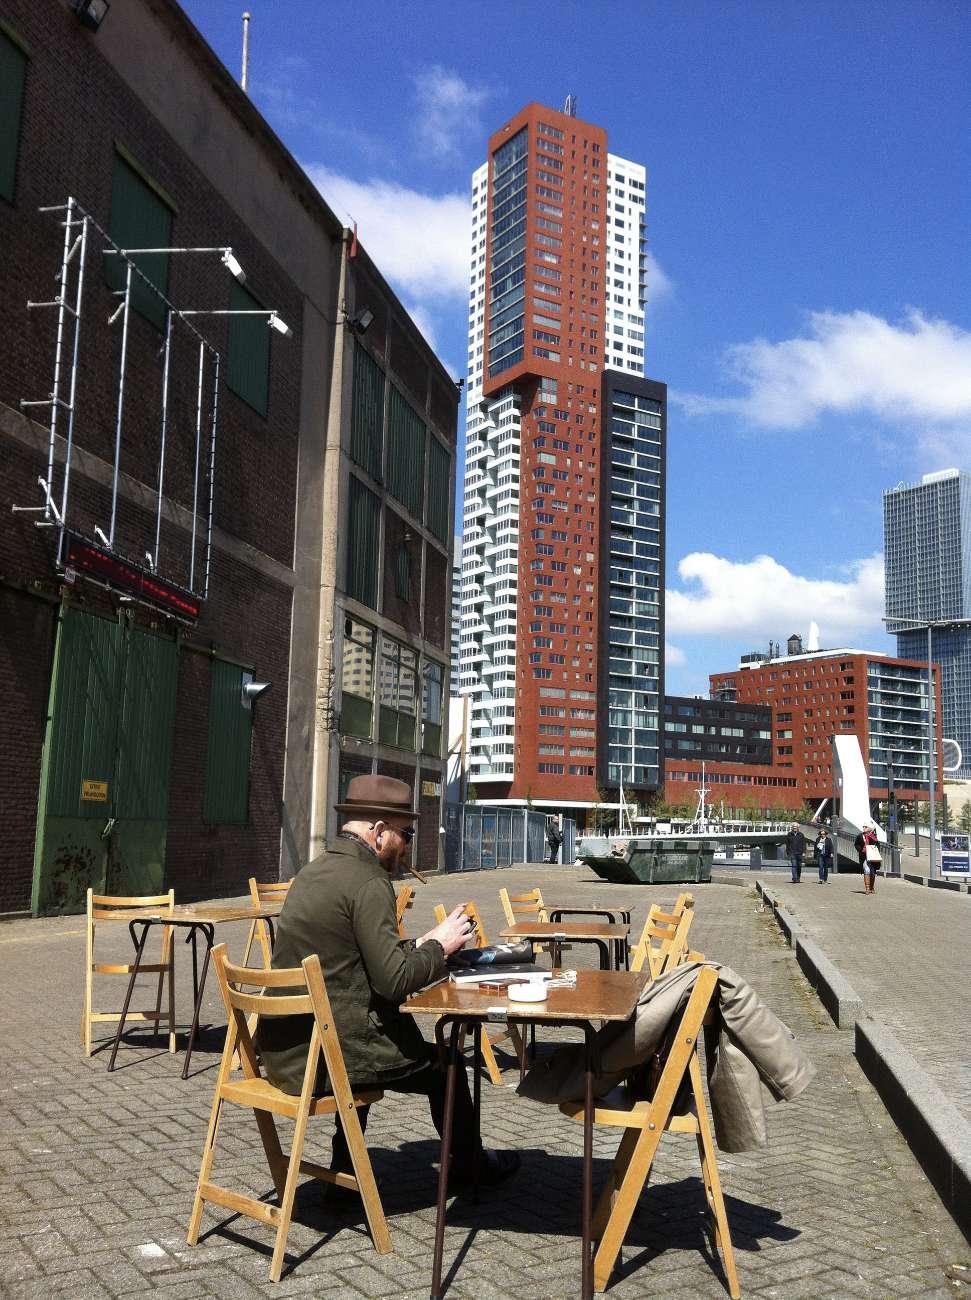 Rotterdam ist die zweitgrößte Stadt der Niederlande. Die Metropole an der Maas ist vor allem für seine Wolkenkratzer bekannt.